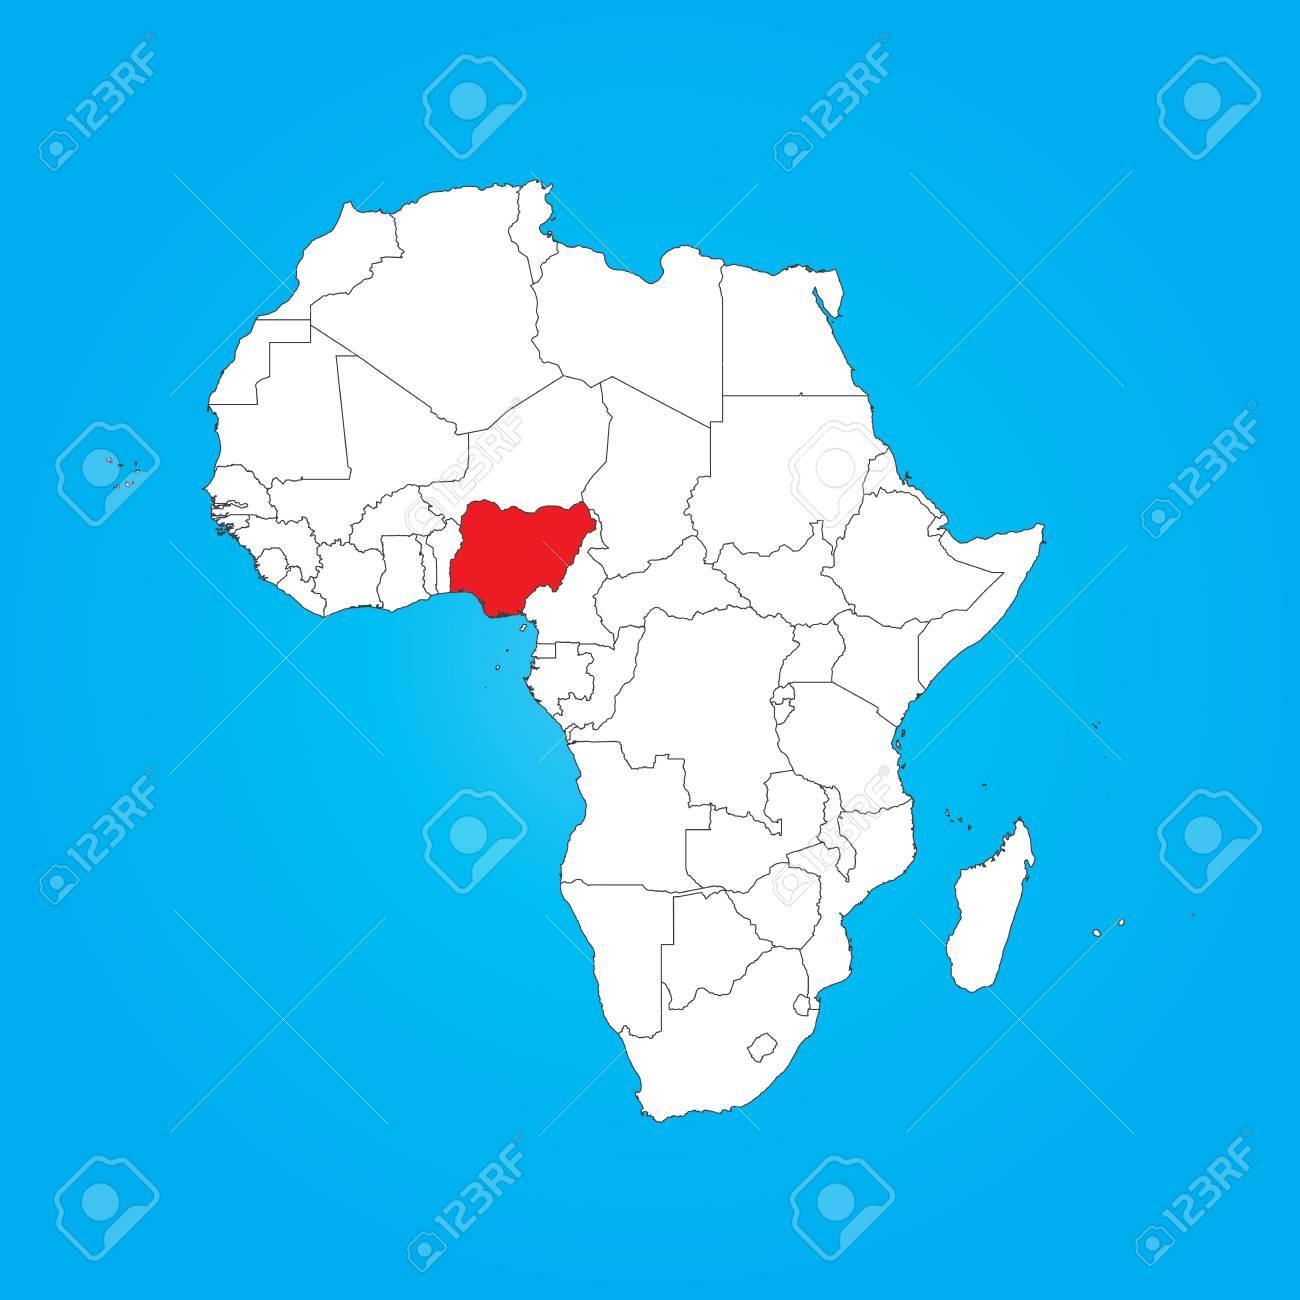 Carte Afrique Nigeria.Une Carte De L Afrique Avec Un Pays Selectionne Du Nigeria